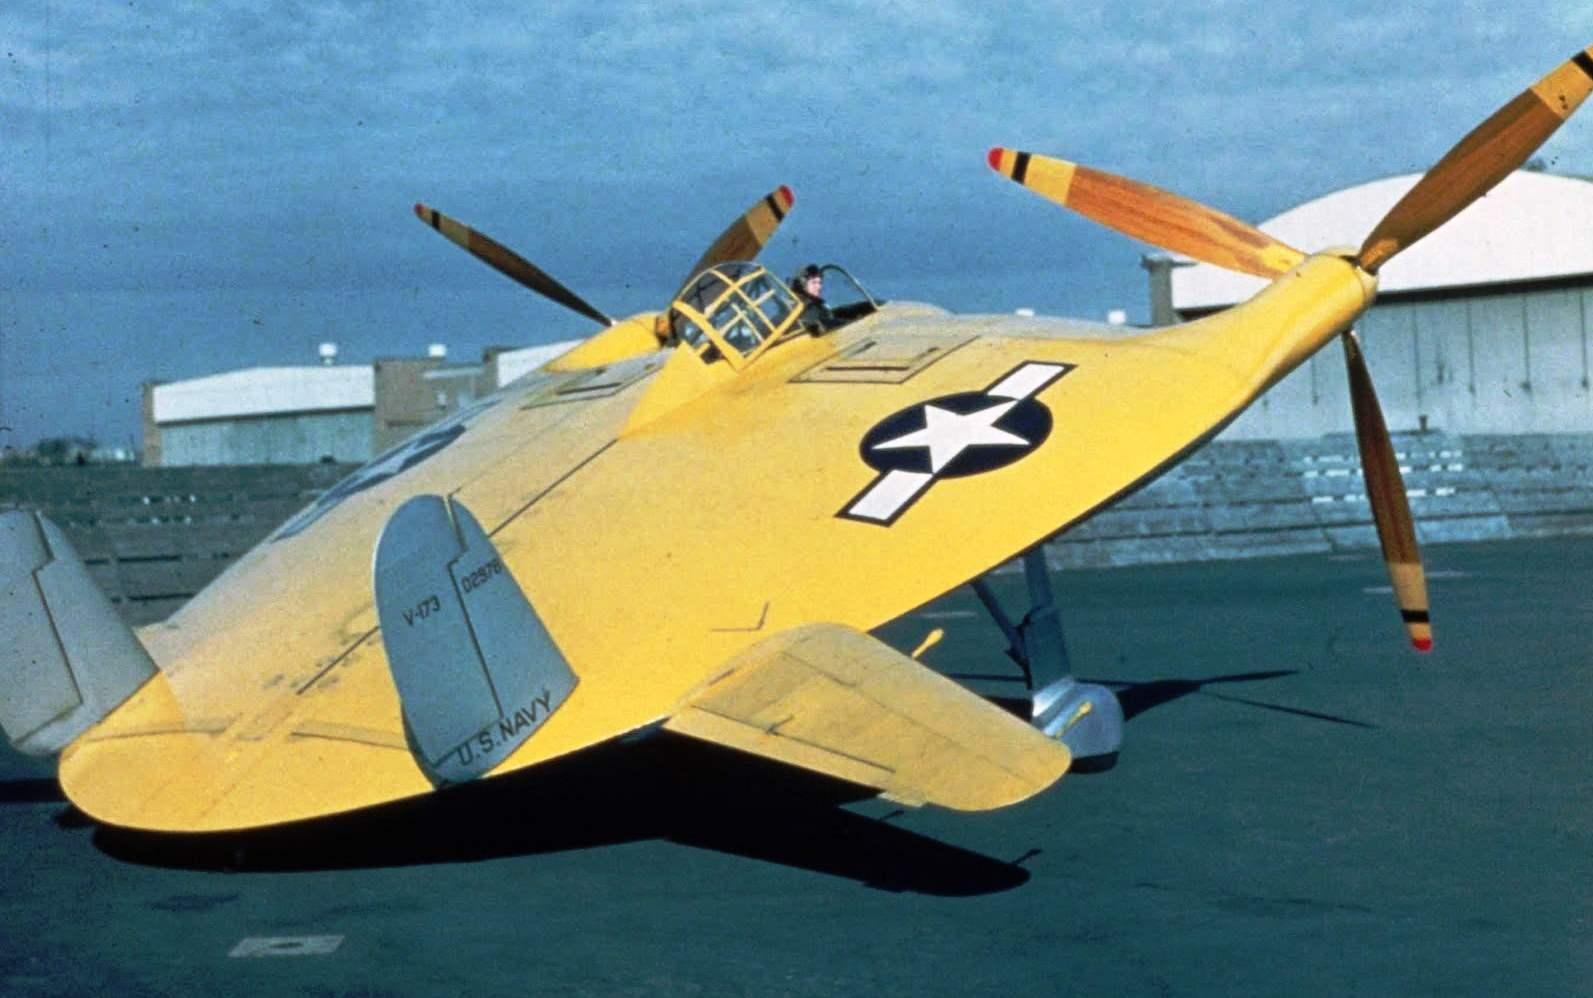 XF5U-1 с винтами от истребителя Corsair па газовочной площадке